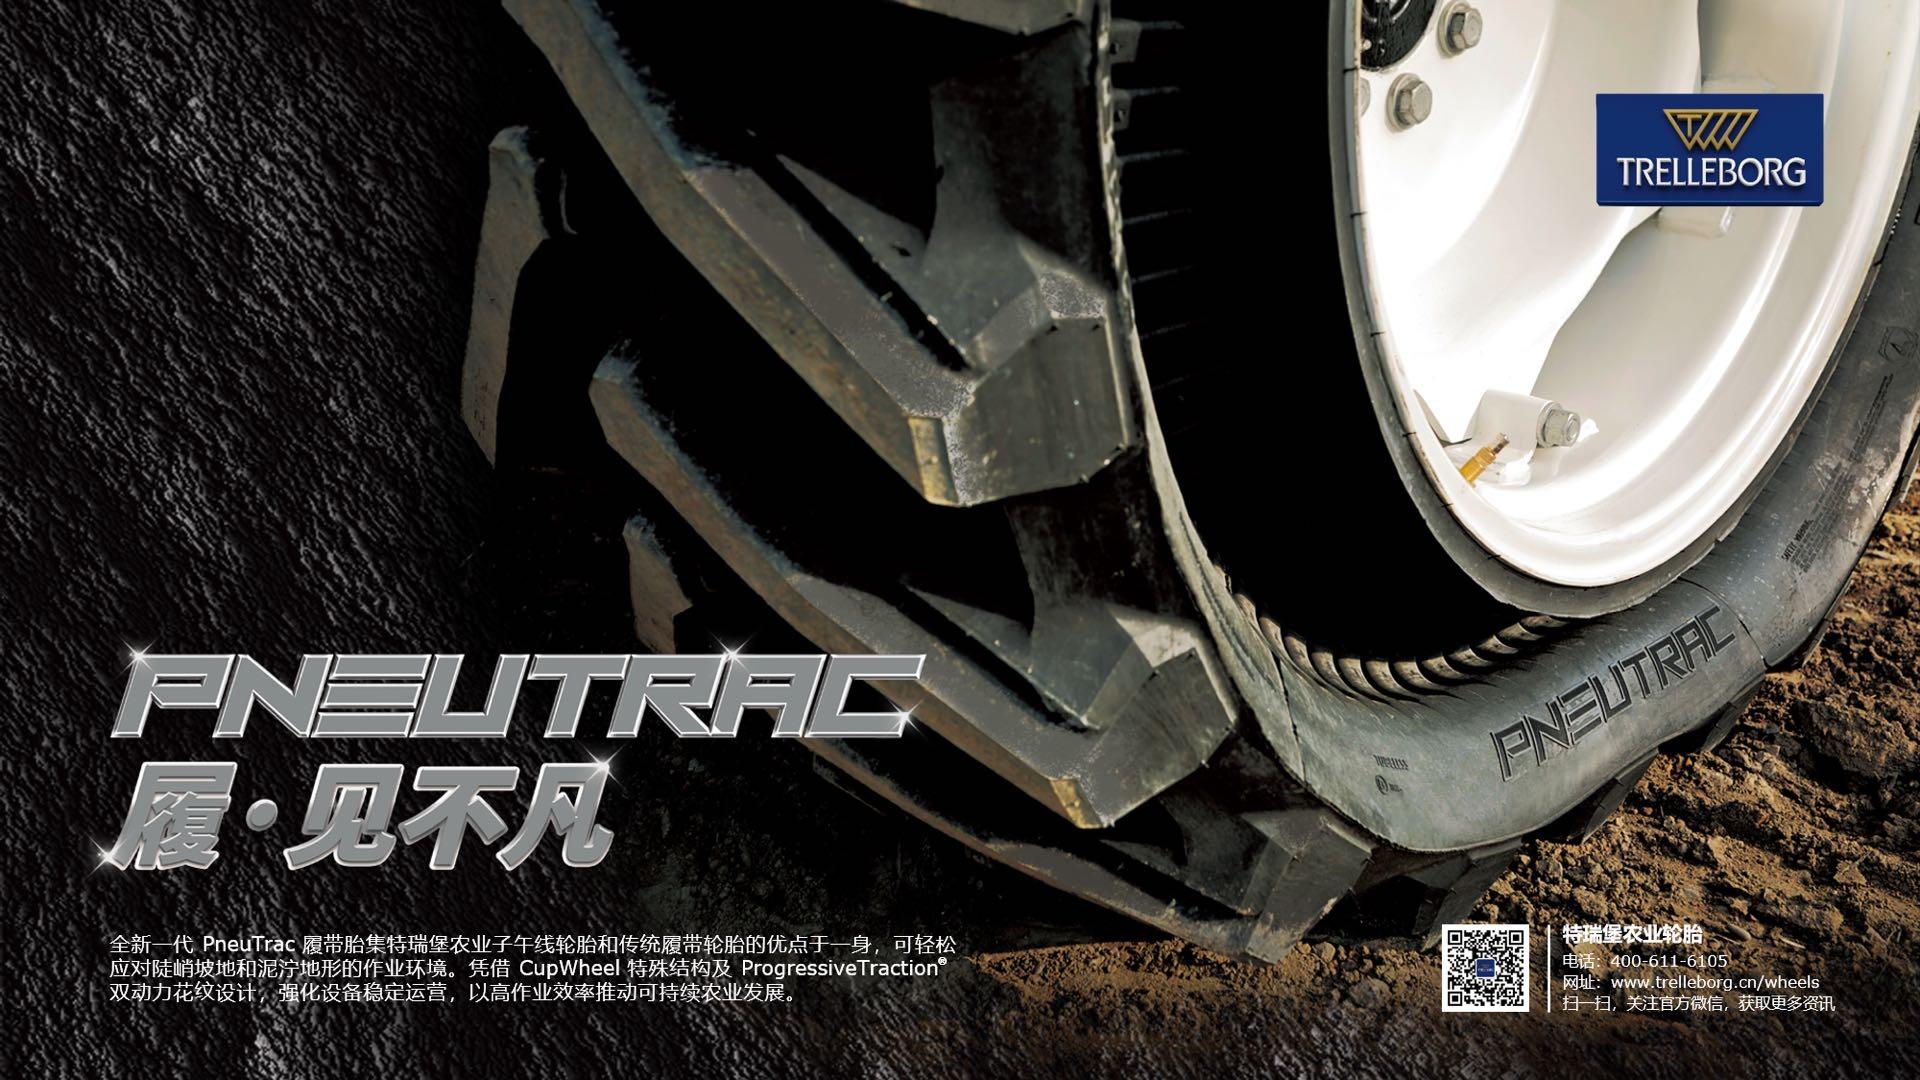 履・见不凡 特瑞堡履带式轮胎新品发布会